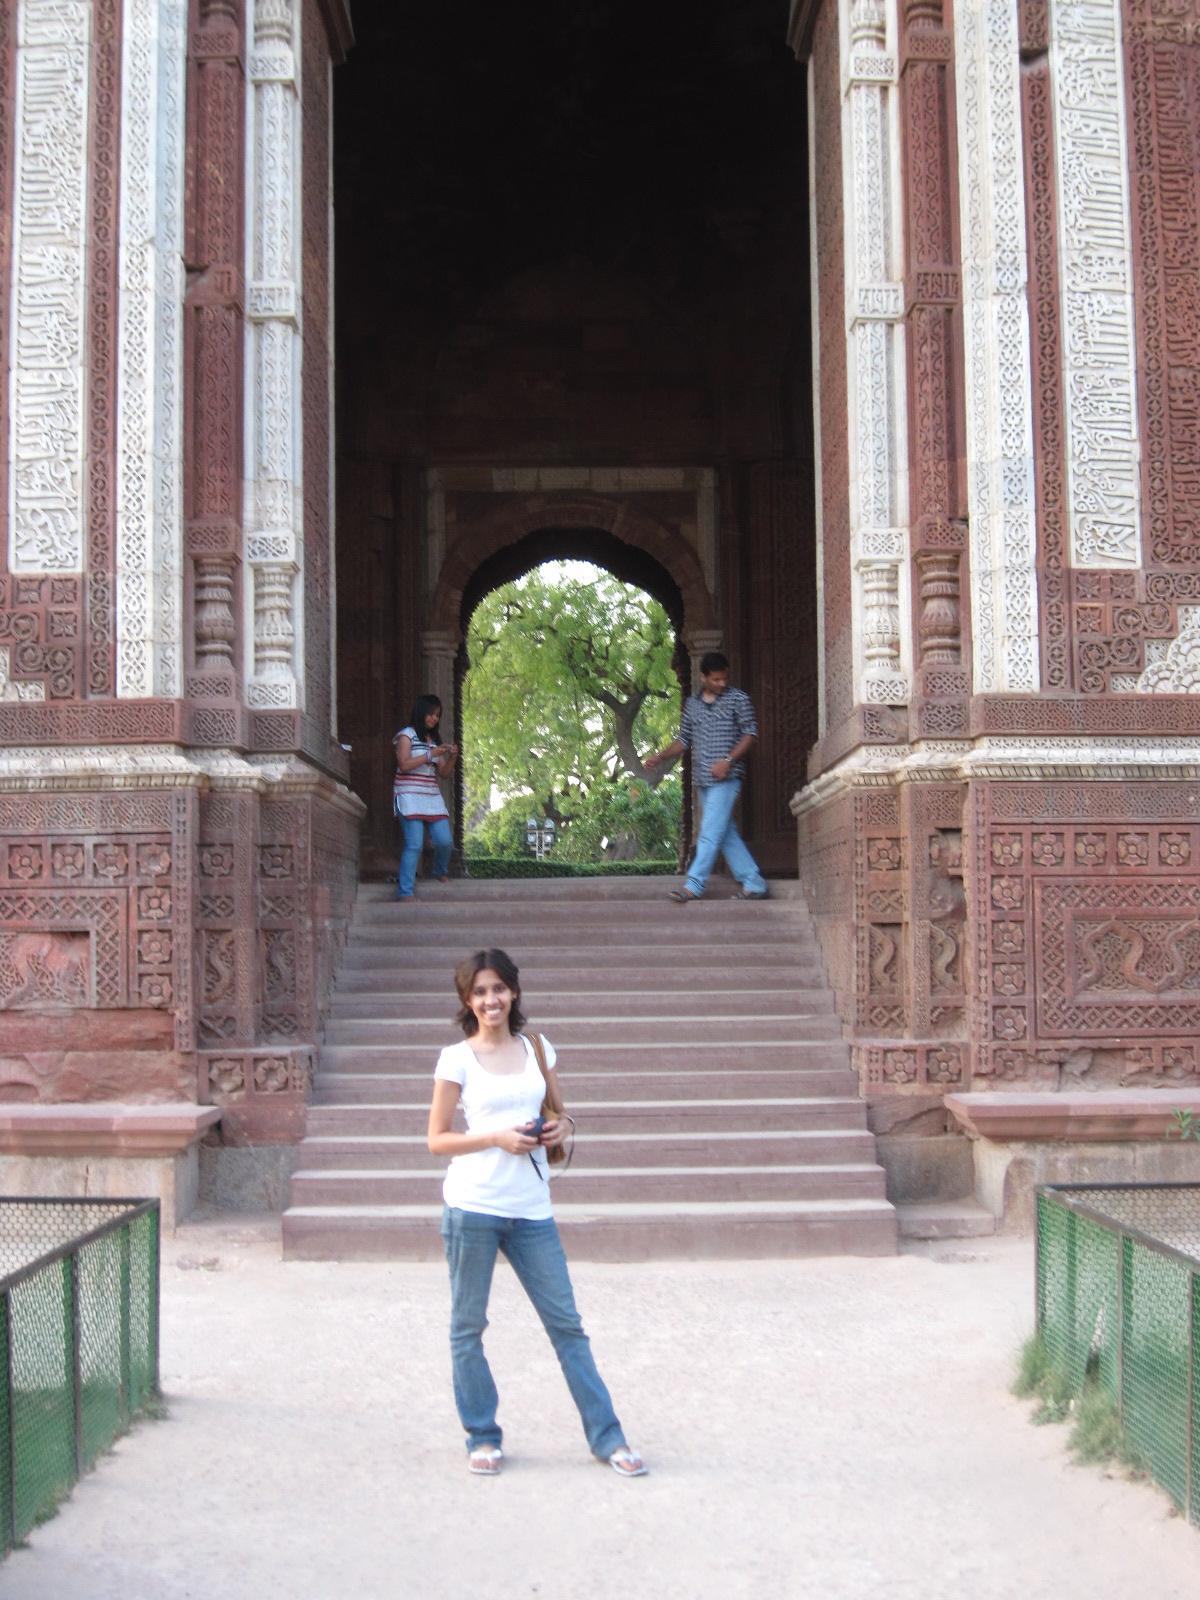 Qutb Minar and its Monuments, Delhi - India By sreeparna